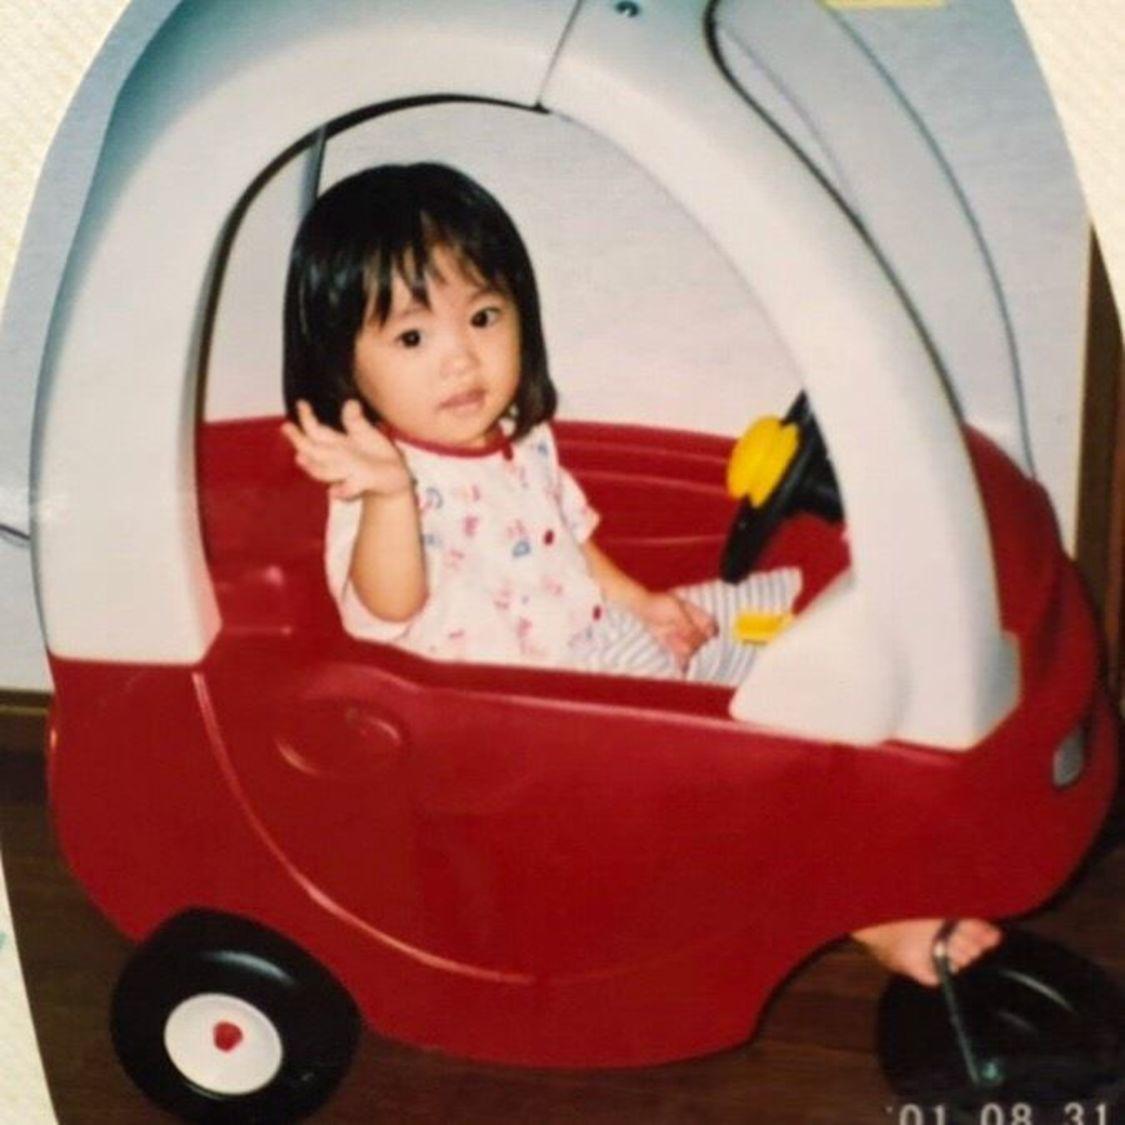 大原優乃、ハタチの誕生日に公開した幼少写真に祝福の声「ゆうのが小4の時からずっと応援してるよ」「㊗️大人の仲間入り🎉🎉🎉」